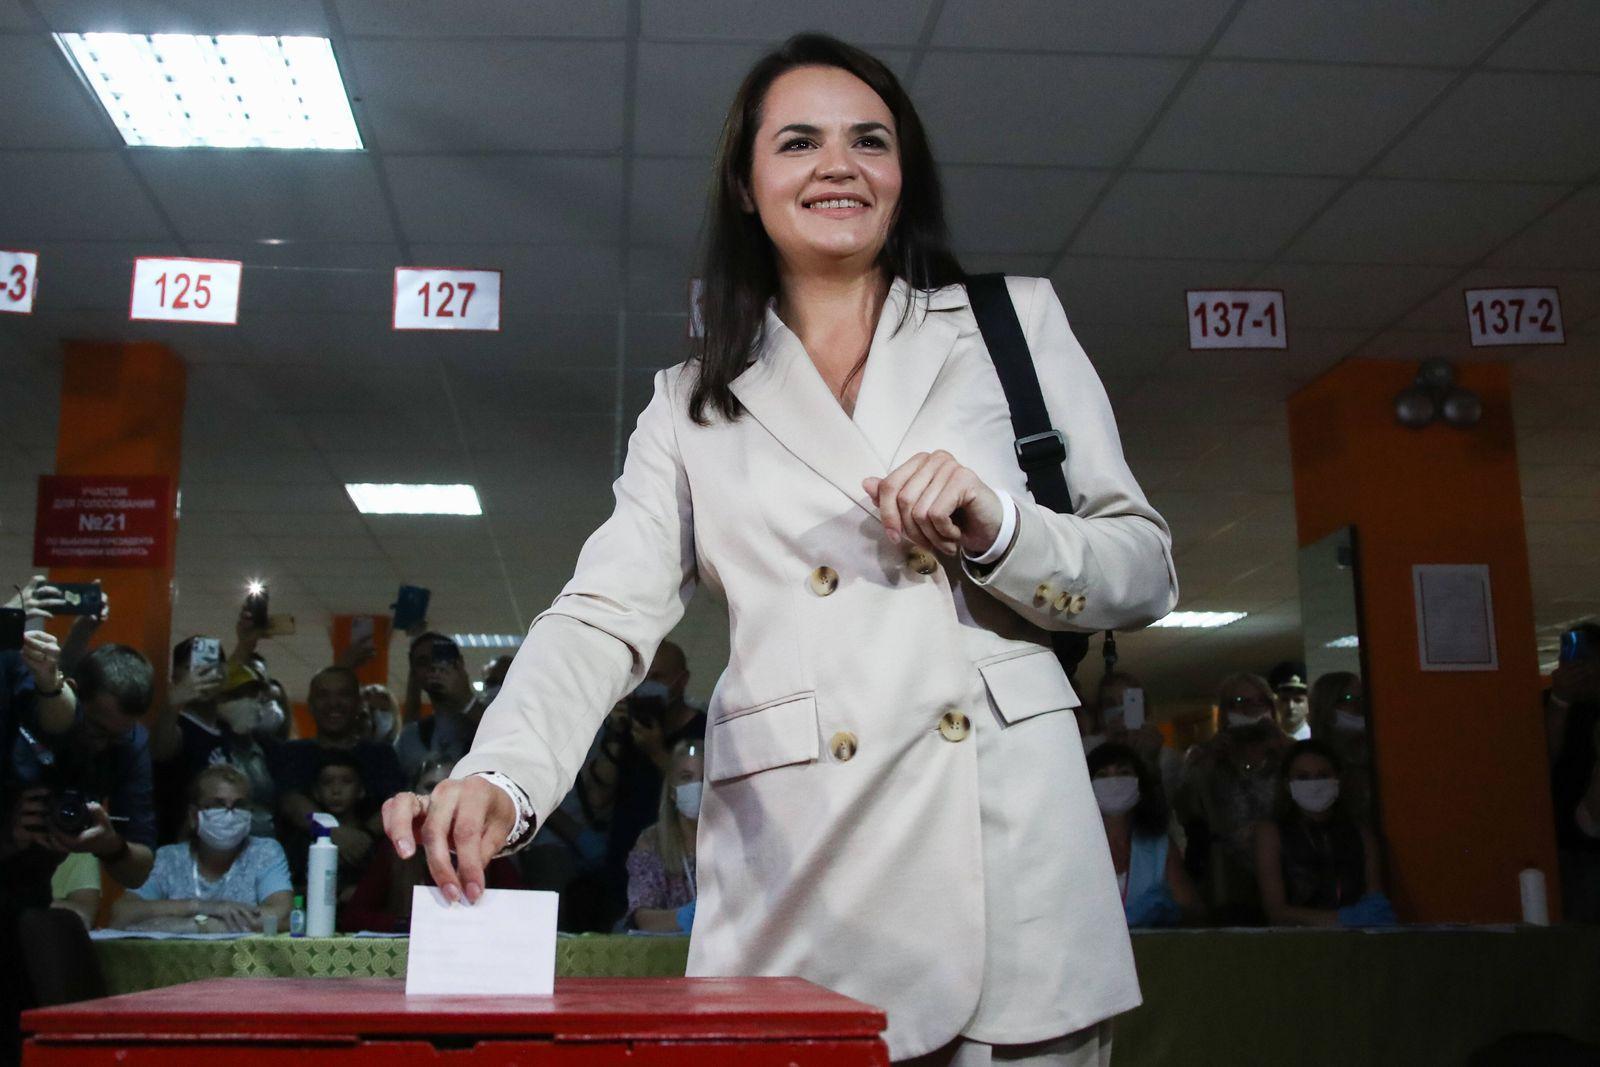 News Bilder des Tages MINSK, BELARUS - AUGUST 9, 2020: Presidential candidate Svetlana Tikhanovskaya casts her vote into